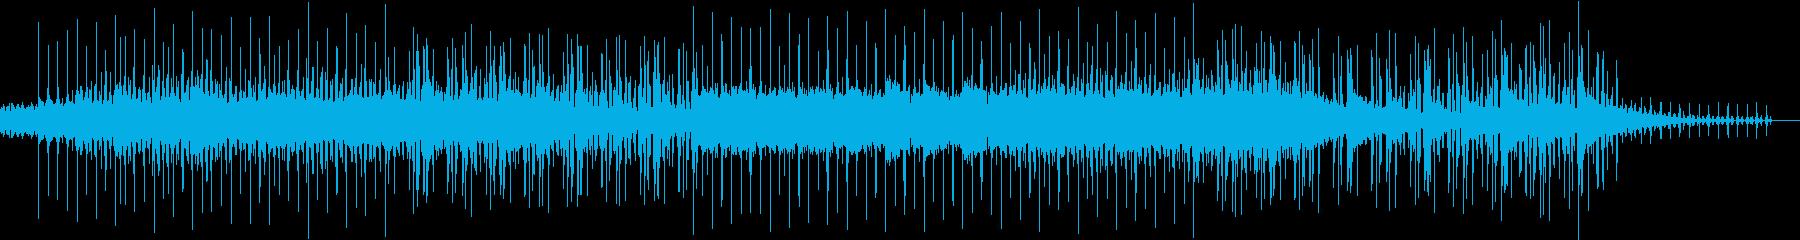 ウェスタン風アングラなテクノRemix?の再生済みの波形